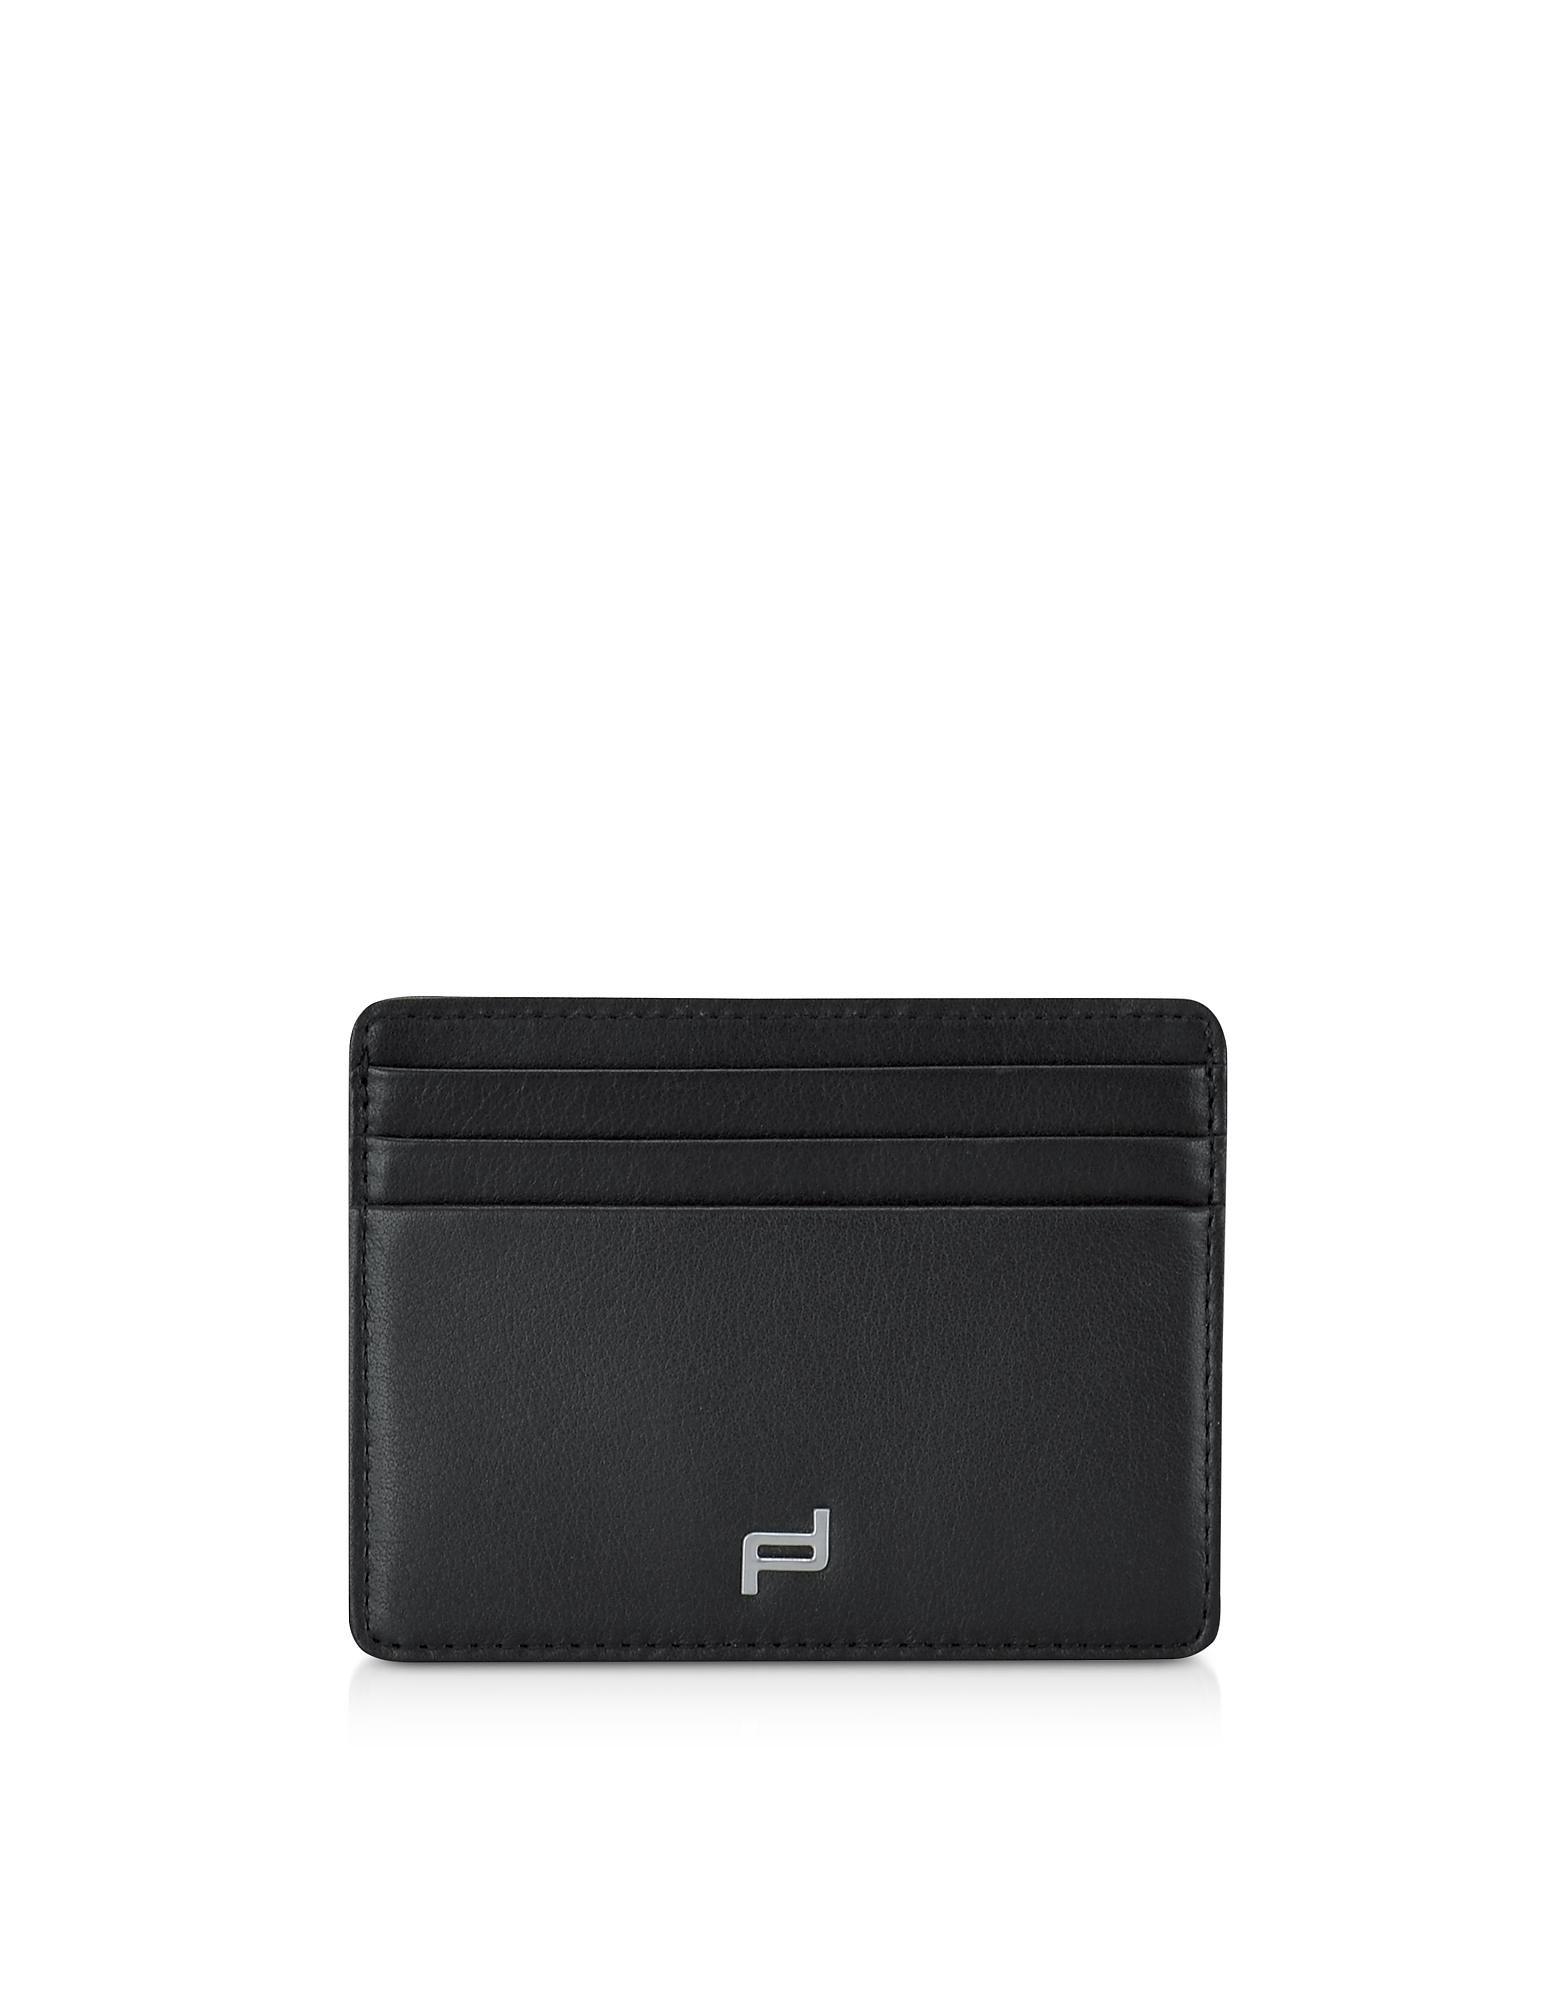 Touch SH6 Men's CardHolder, Black